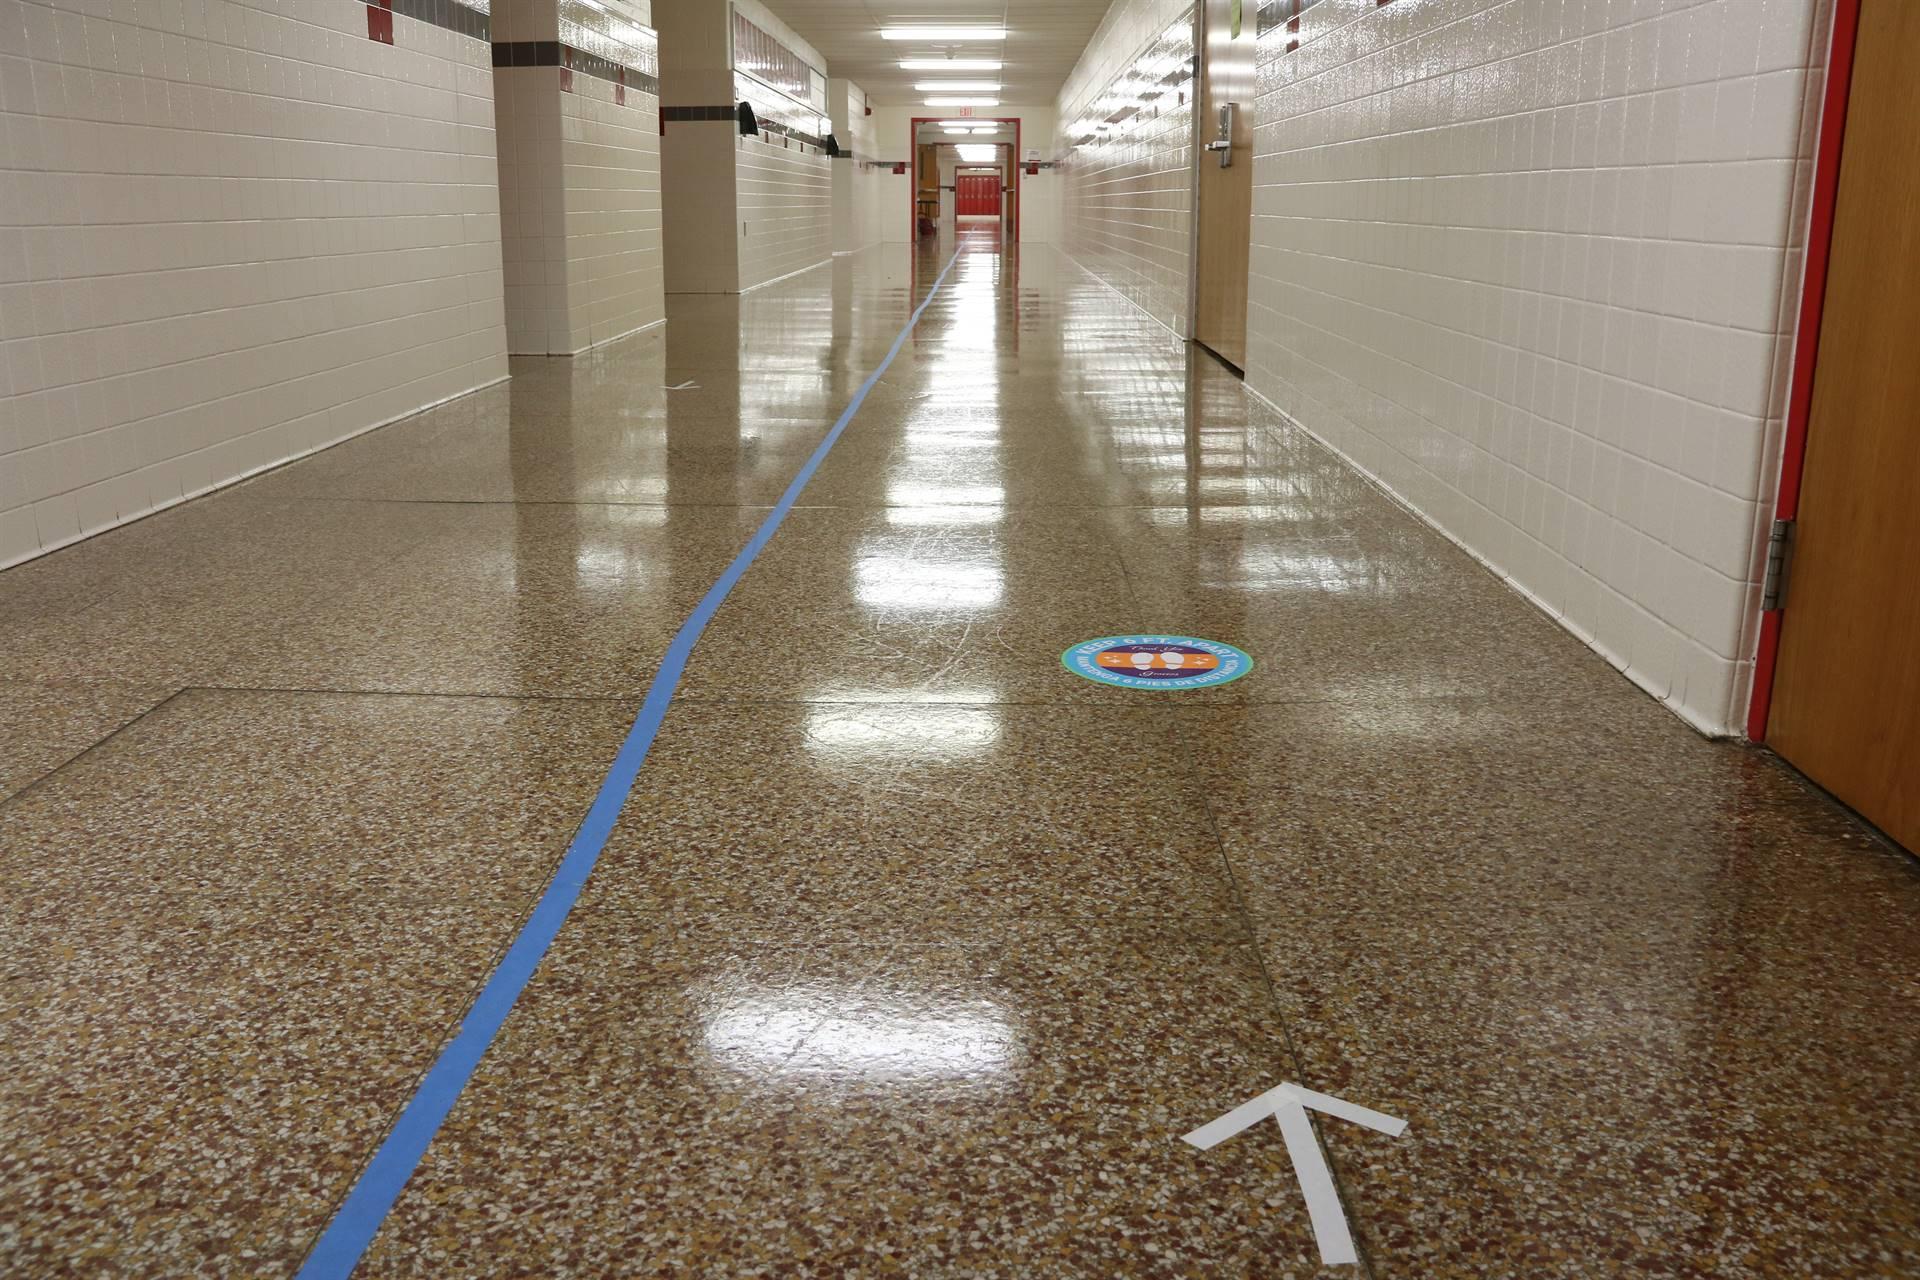 hallways with stickers